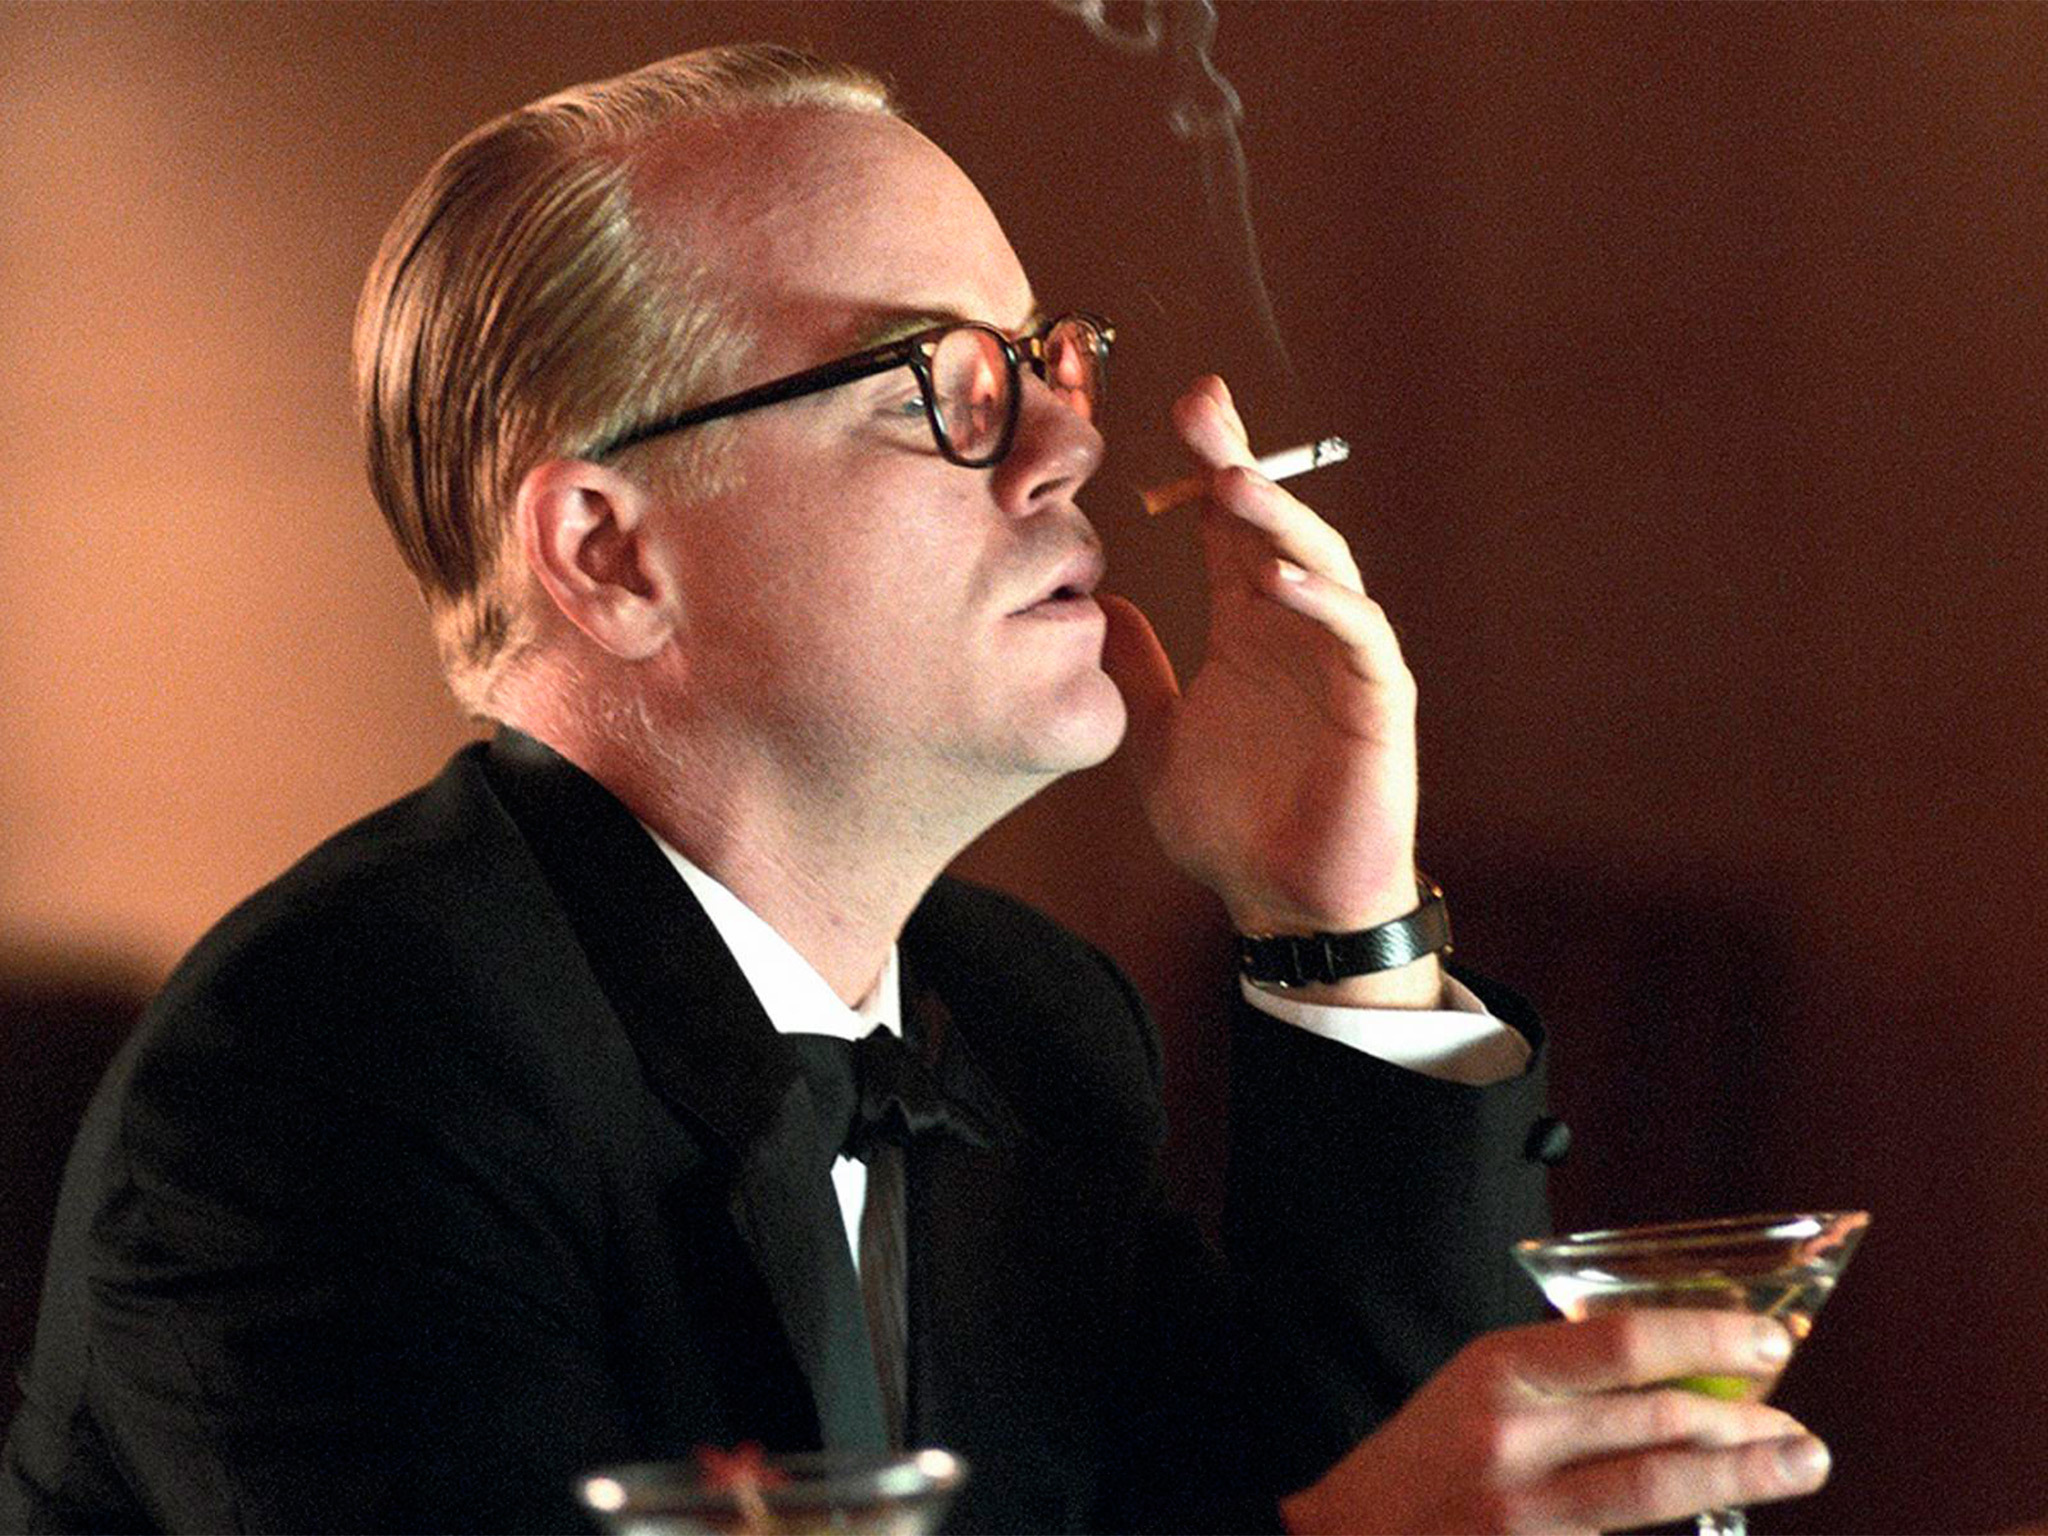 Philip Seymour Hoffman ('Truman Capote')